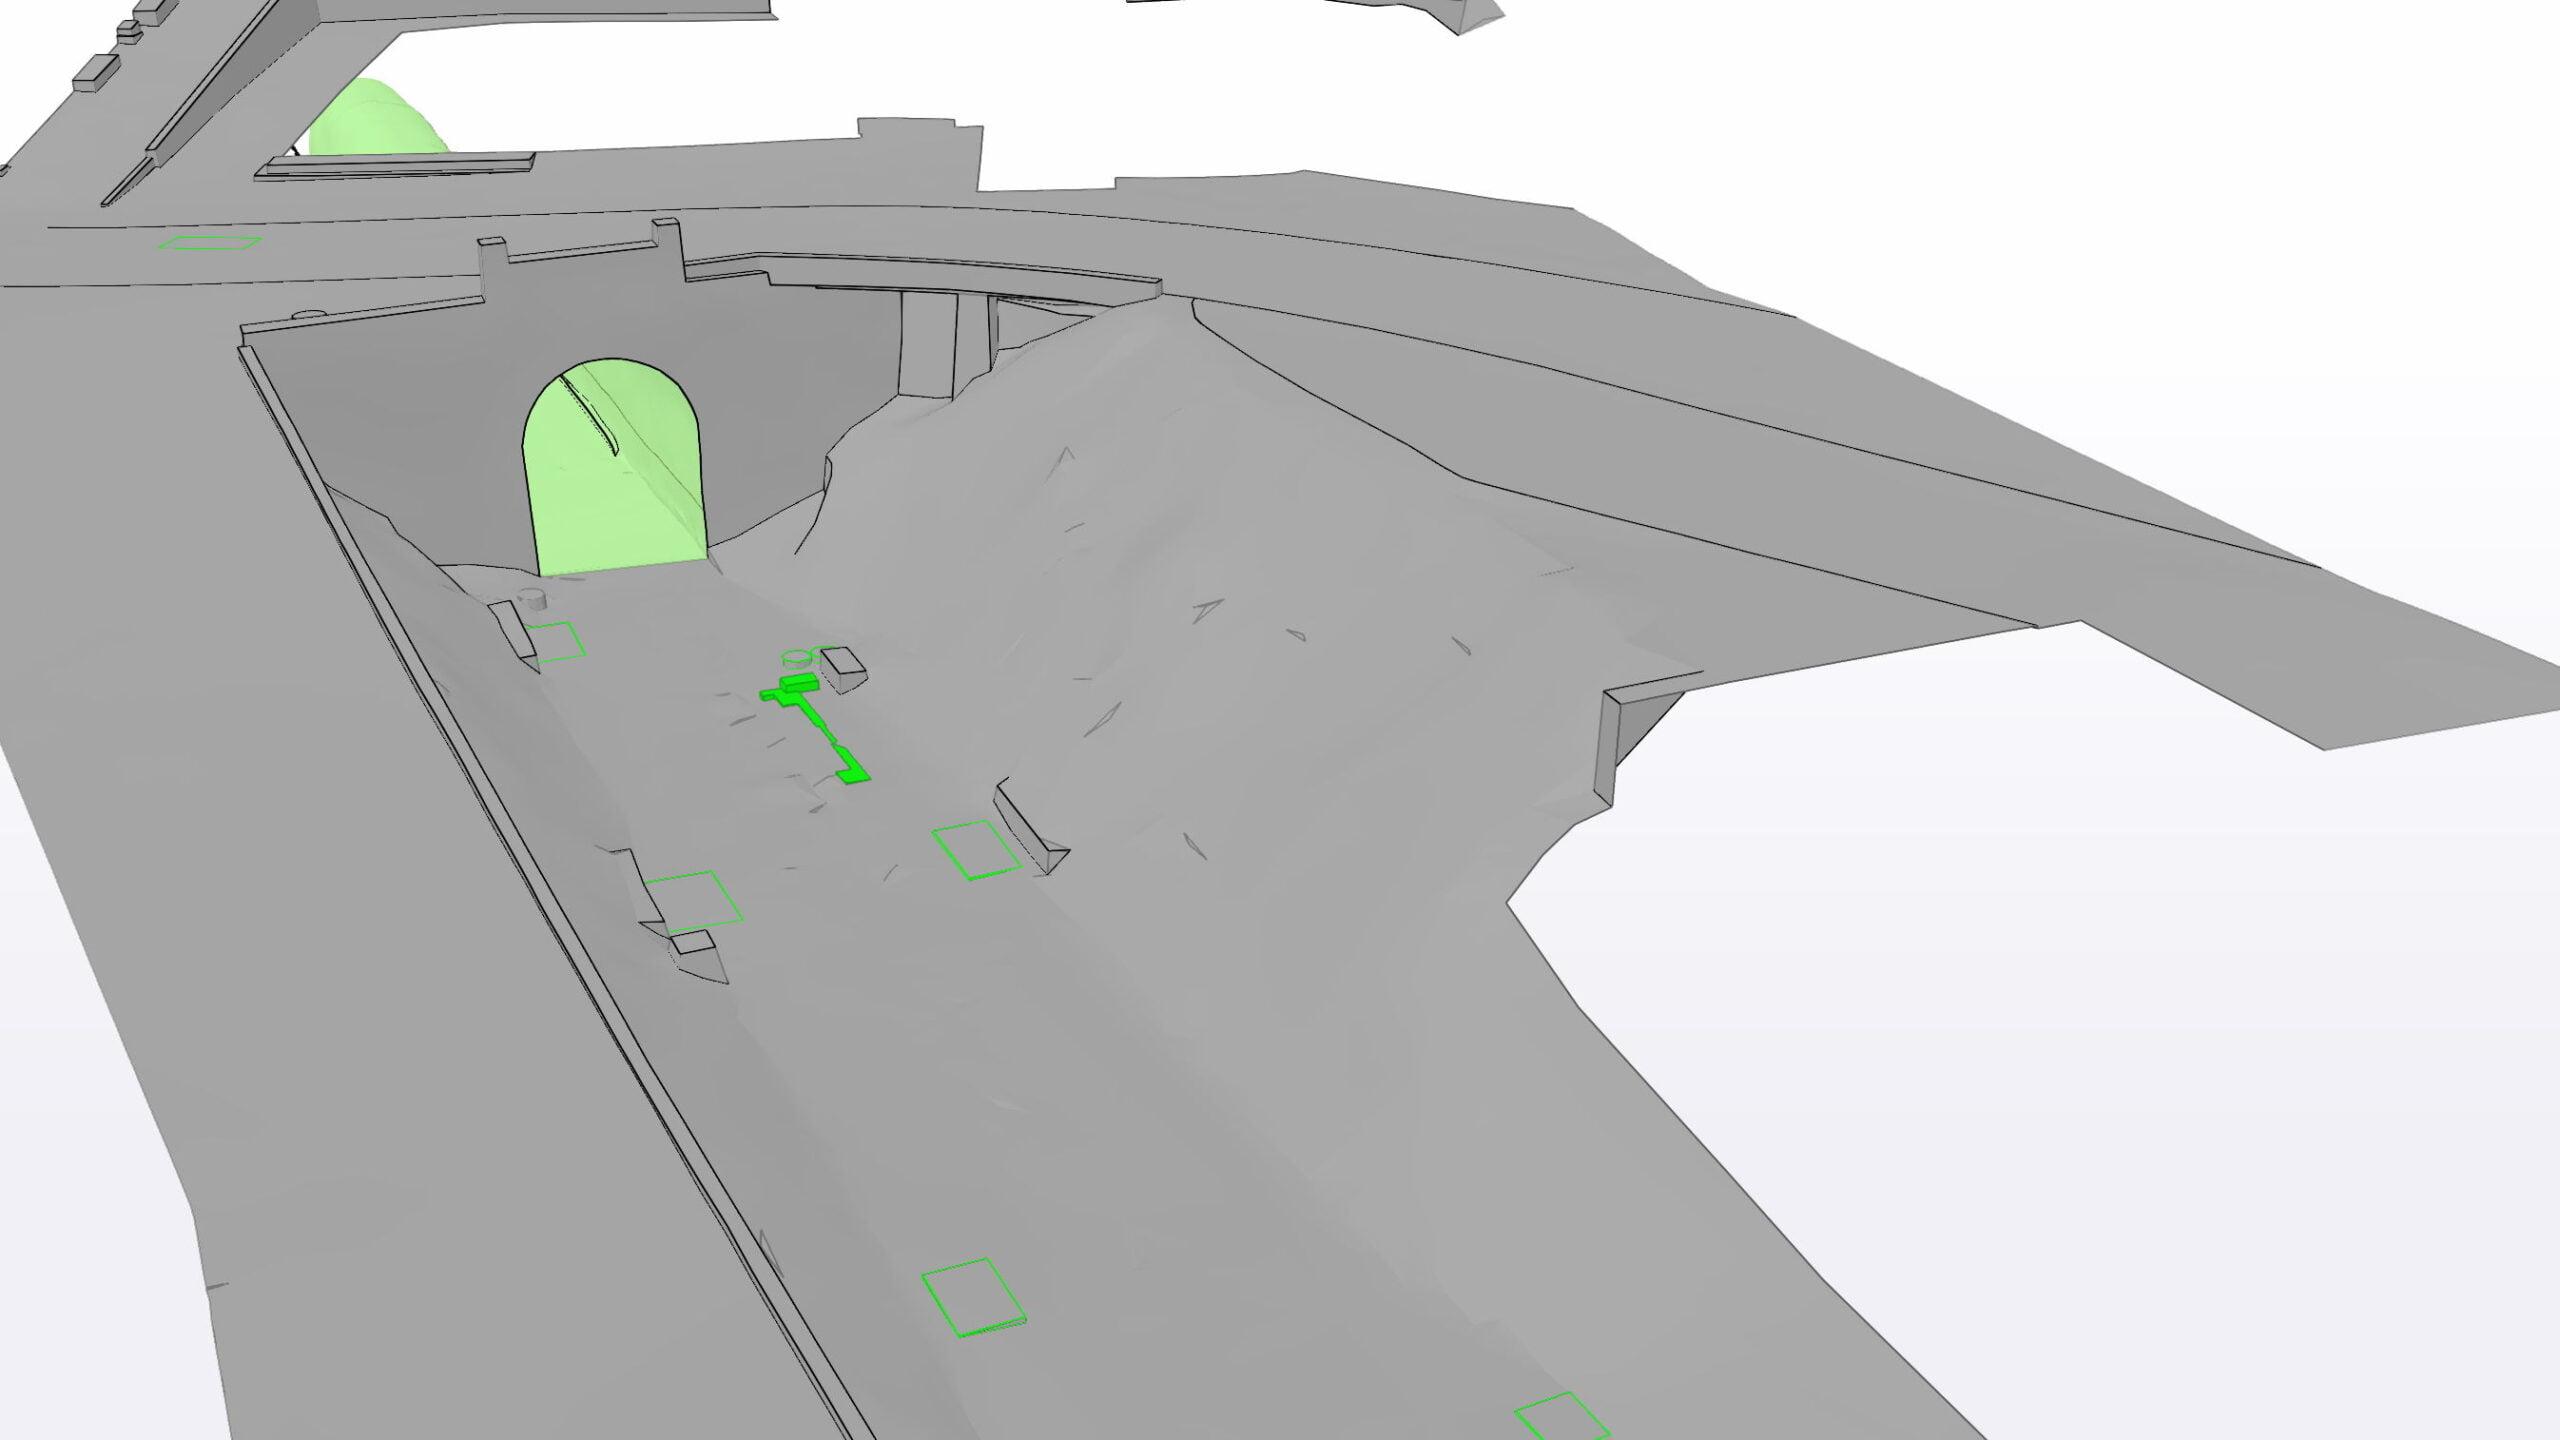 Mit 3D-Laserscanning erfasste Grundlagenmodelle des Portalbereiches, des bestehenden Arosertunnels, sämtlichen Schächten und der Bahntechnik